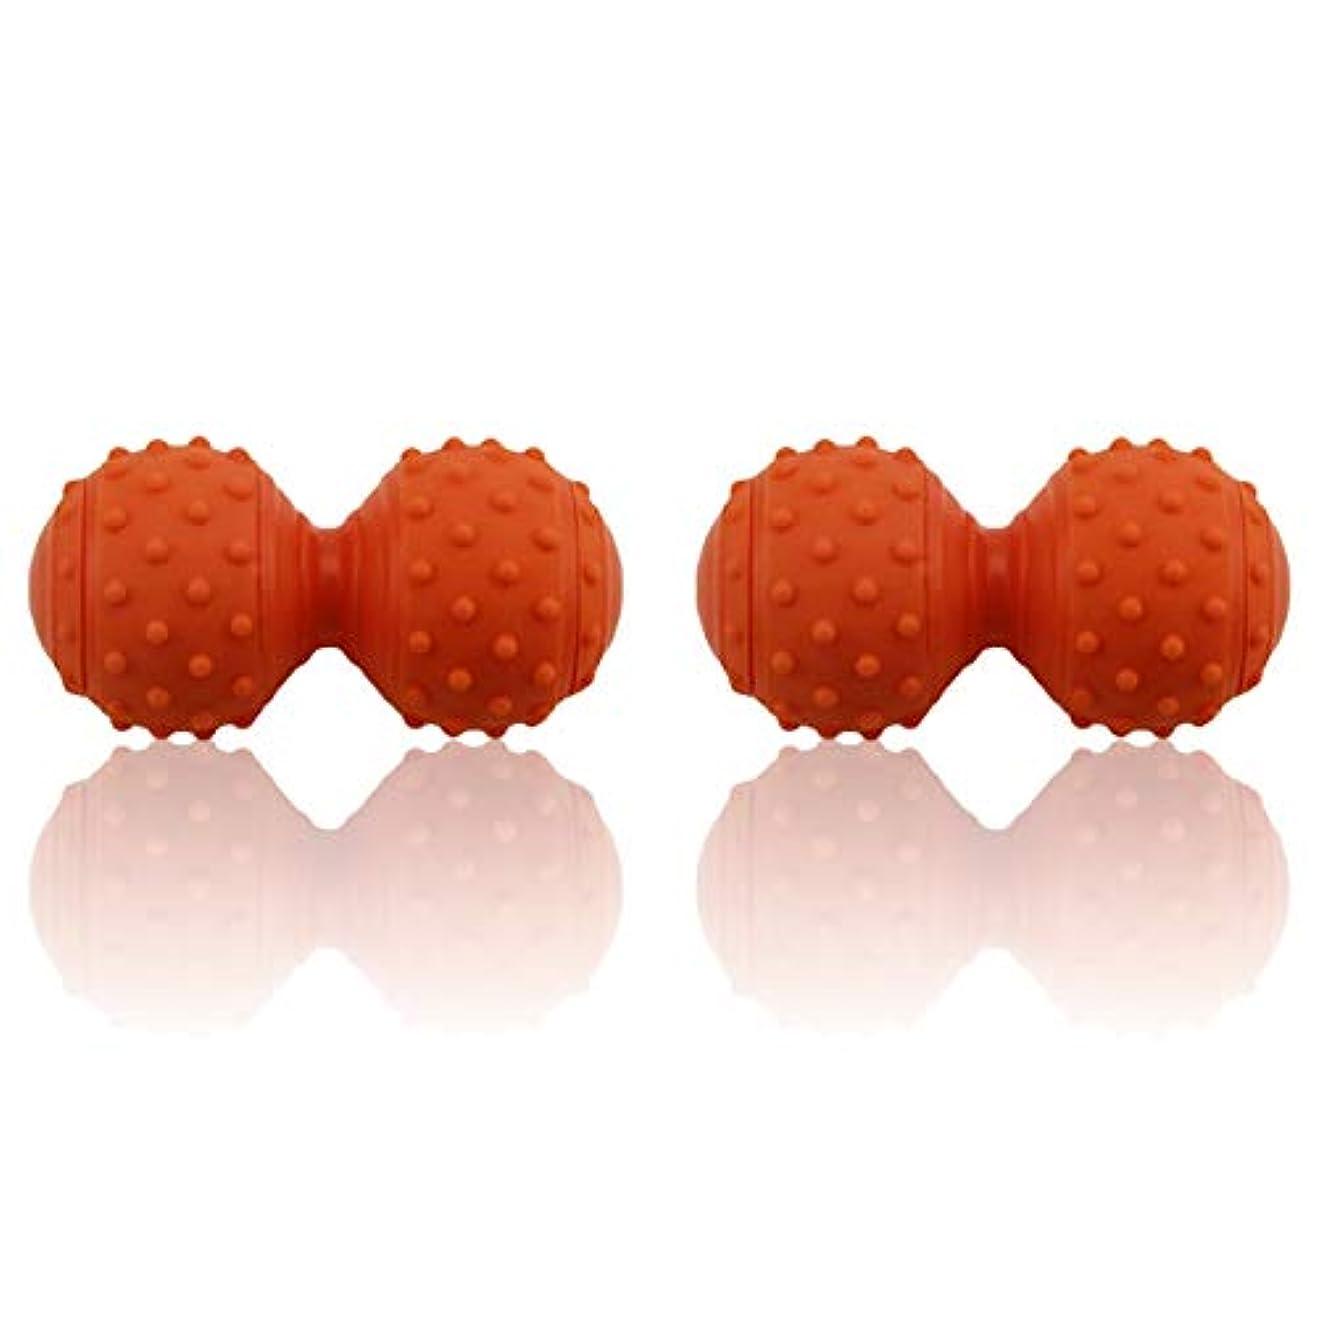 適用済み胆嚢扱うHAMILO マッサージボール ピーナッツ型 ツボ押し 携帯サイズ 指圧 背中 足つぼ 足裏 手 腰